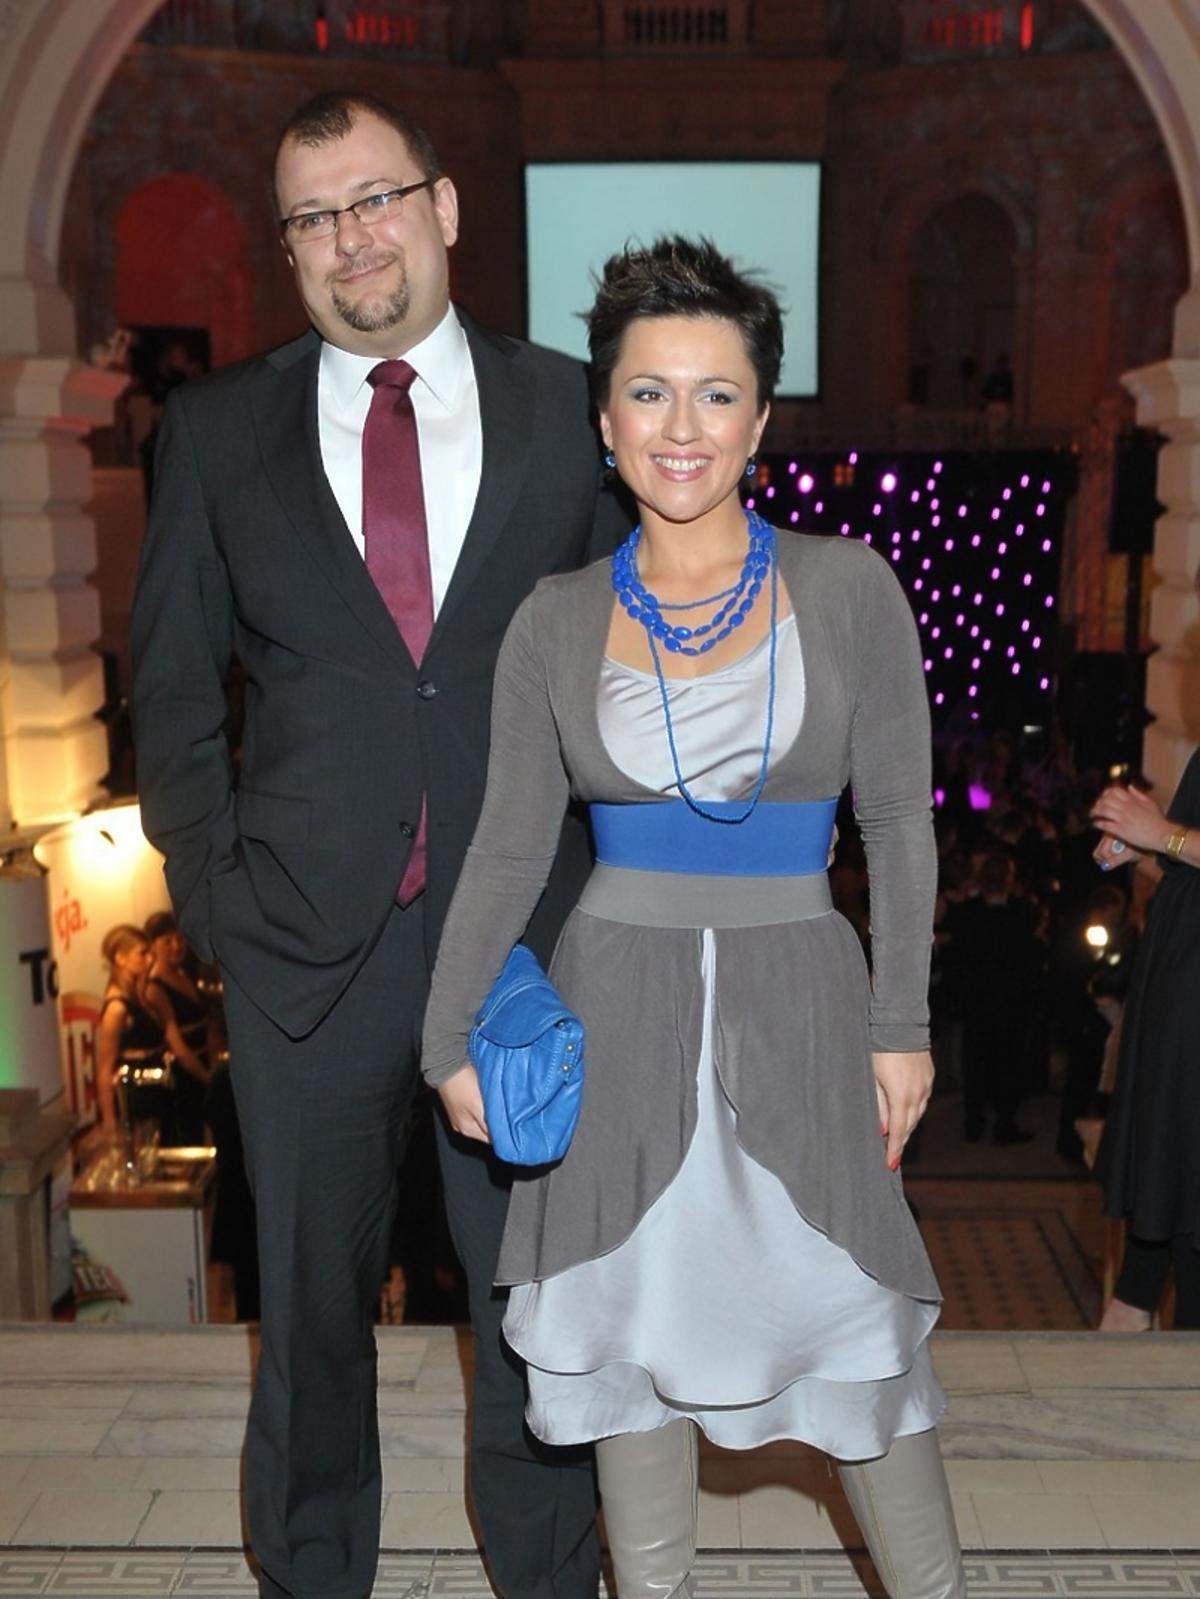 Beata Tadla w szarej sukience z niebieskimi dodatkami pozuje z ówczesnym mężem fotoreporterom podczas Charytatywnego Balu Dziennikarzy w auli Politechniki warszawskiej